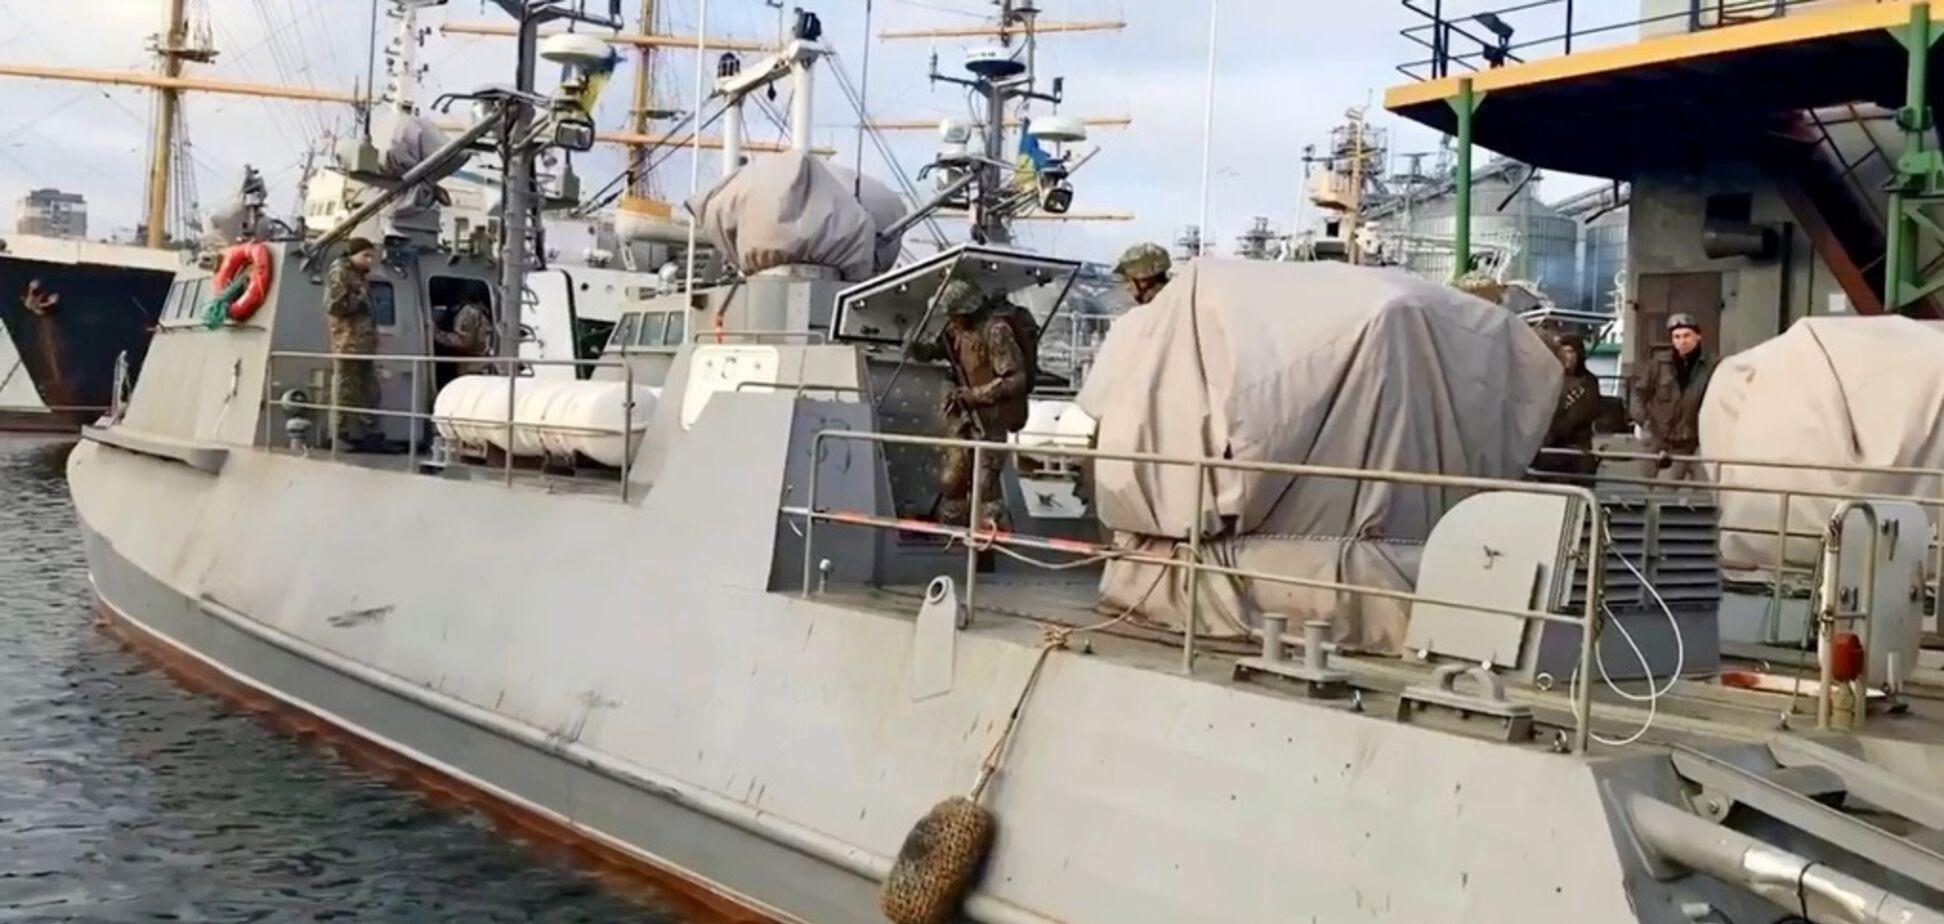 ФСБ приготовилась: в России заявили о походе военных кораблей Украины к Керченскому проливу